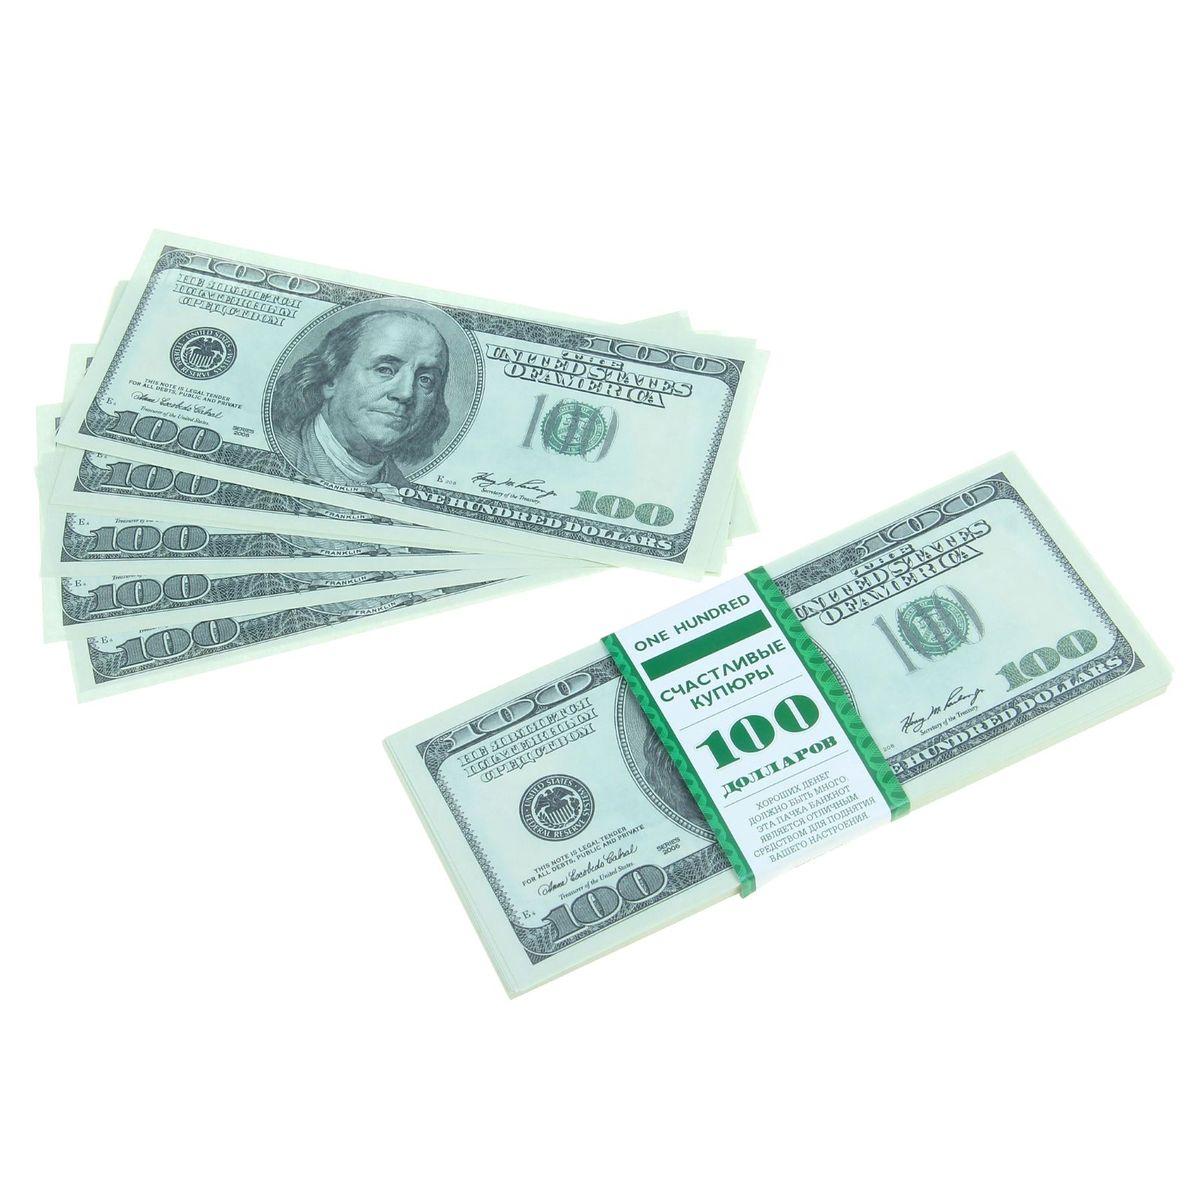 Sima-land Деньги для свадебного выкупа100 долларов, 20,3 х 8,6 смUP210DFХотите весело и щедро выкупить невесту? Легко!С вас – боевое настроение, а о деньгах мы позаботимся!Сколько нужно жениху, чтобы родители невесты отдали их бесценное сокровище? Возможно, мешок денег или два. Теперь точно хватит!